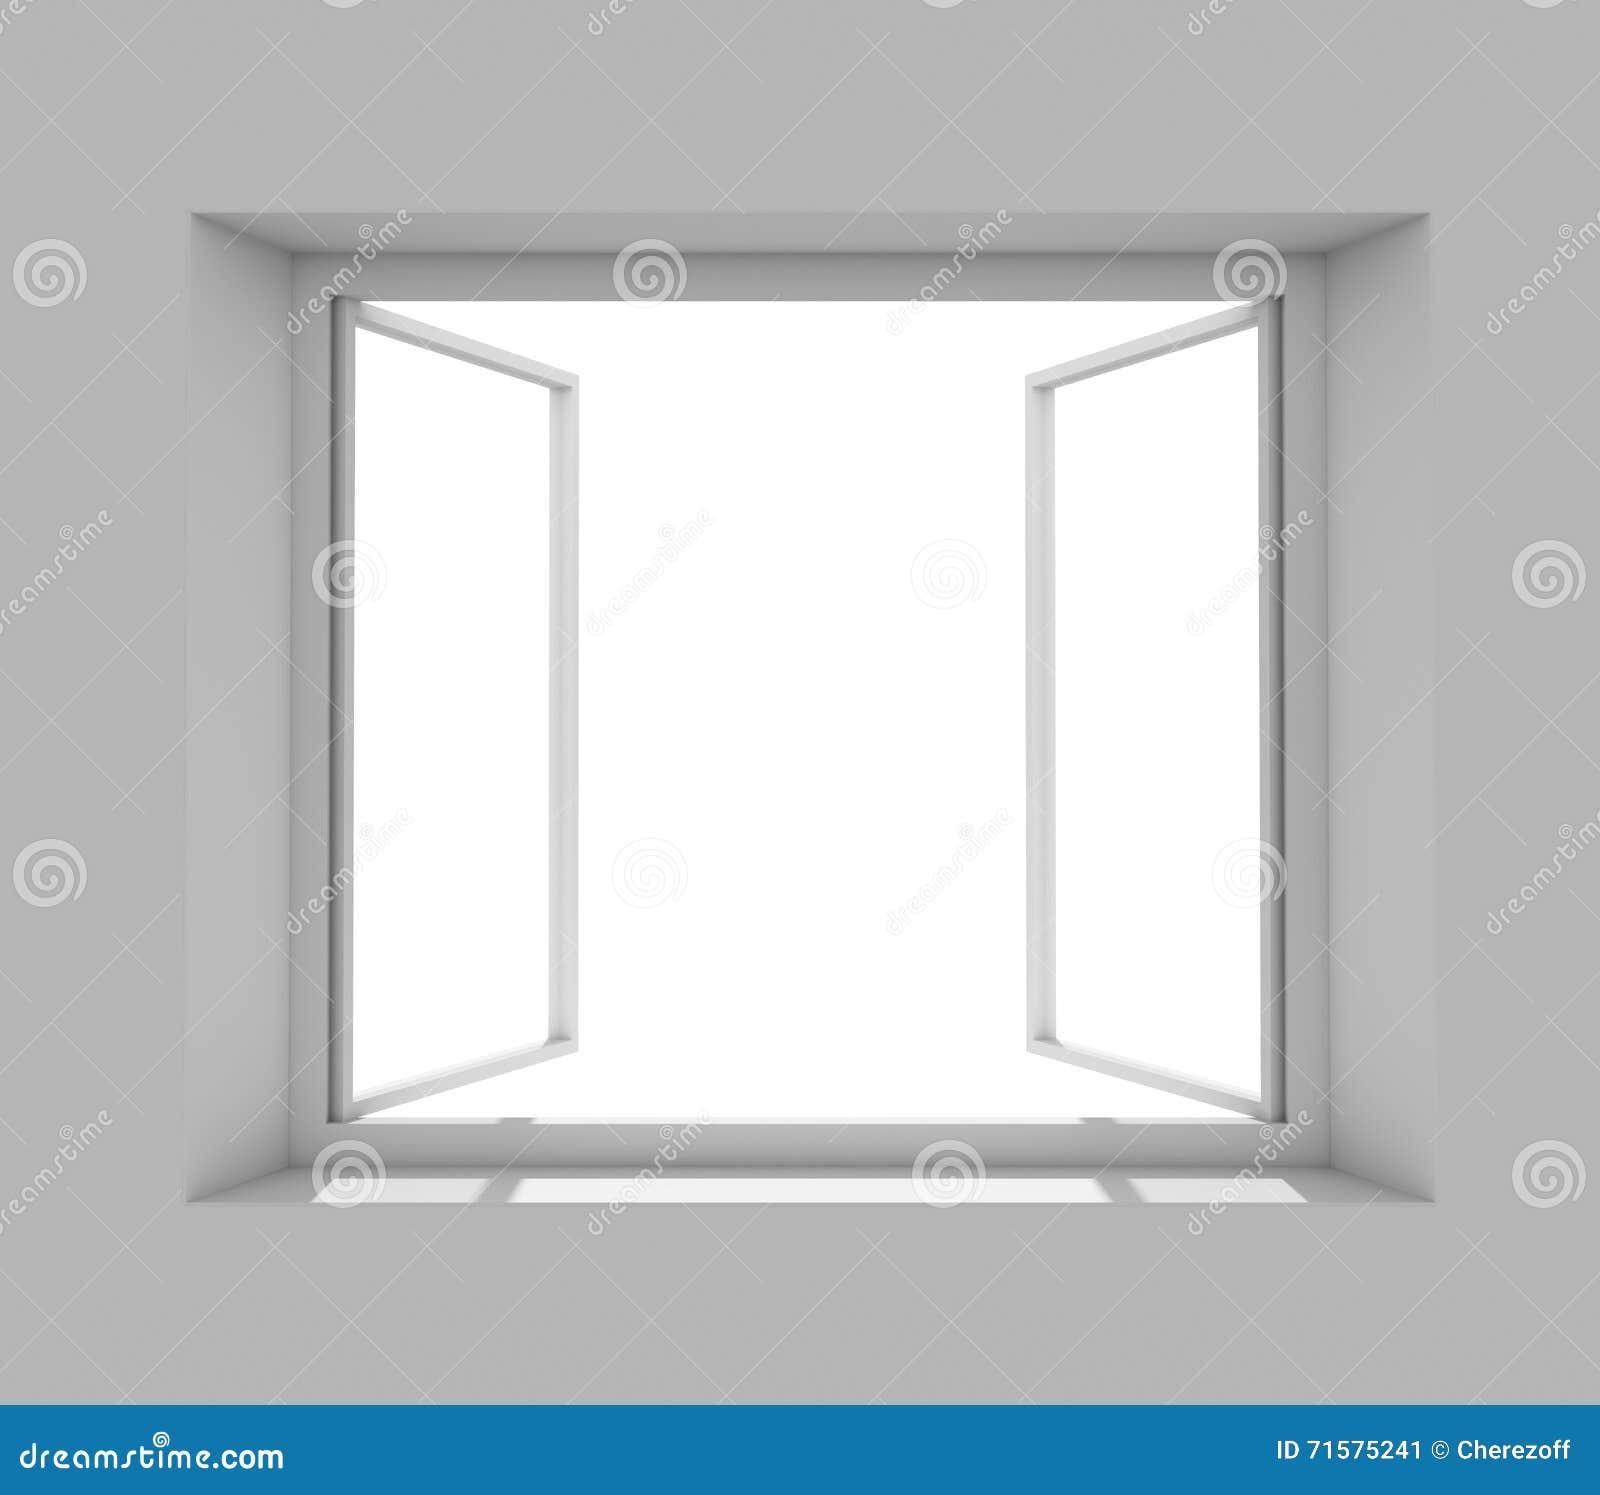 Offenes fenster von außen  Offenes Fenster Auf Grauer Wand Stock Abbildung - Bild: 71575241